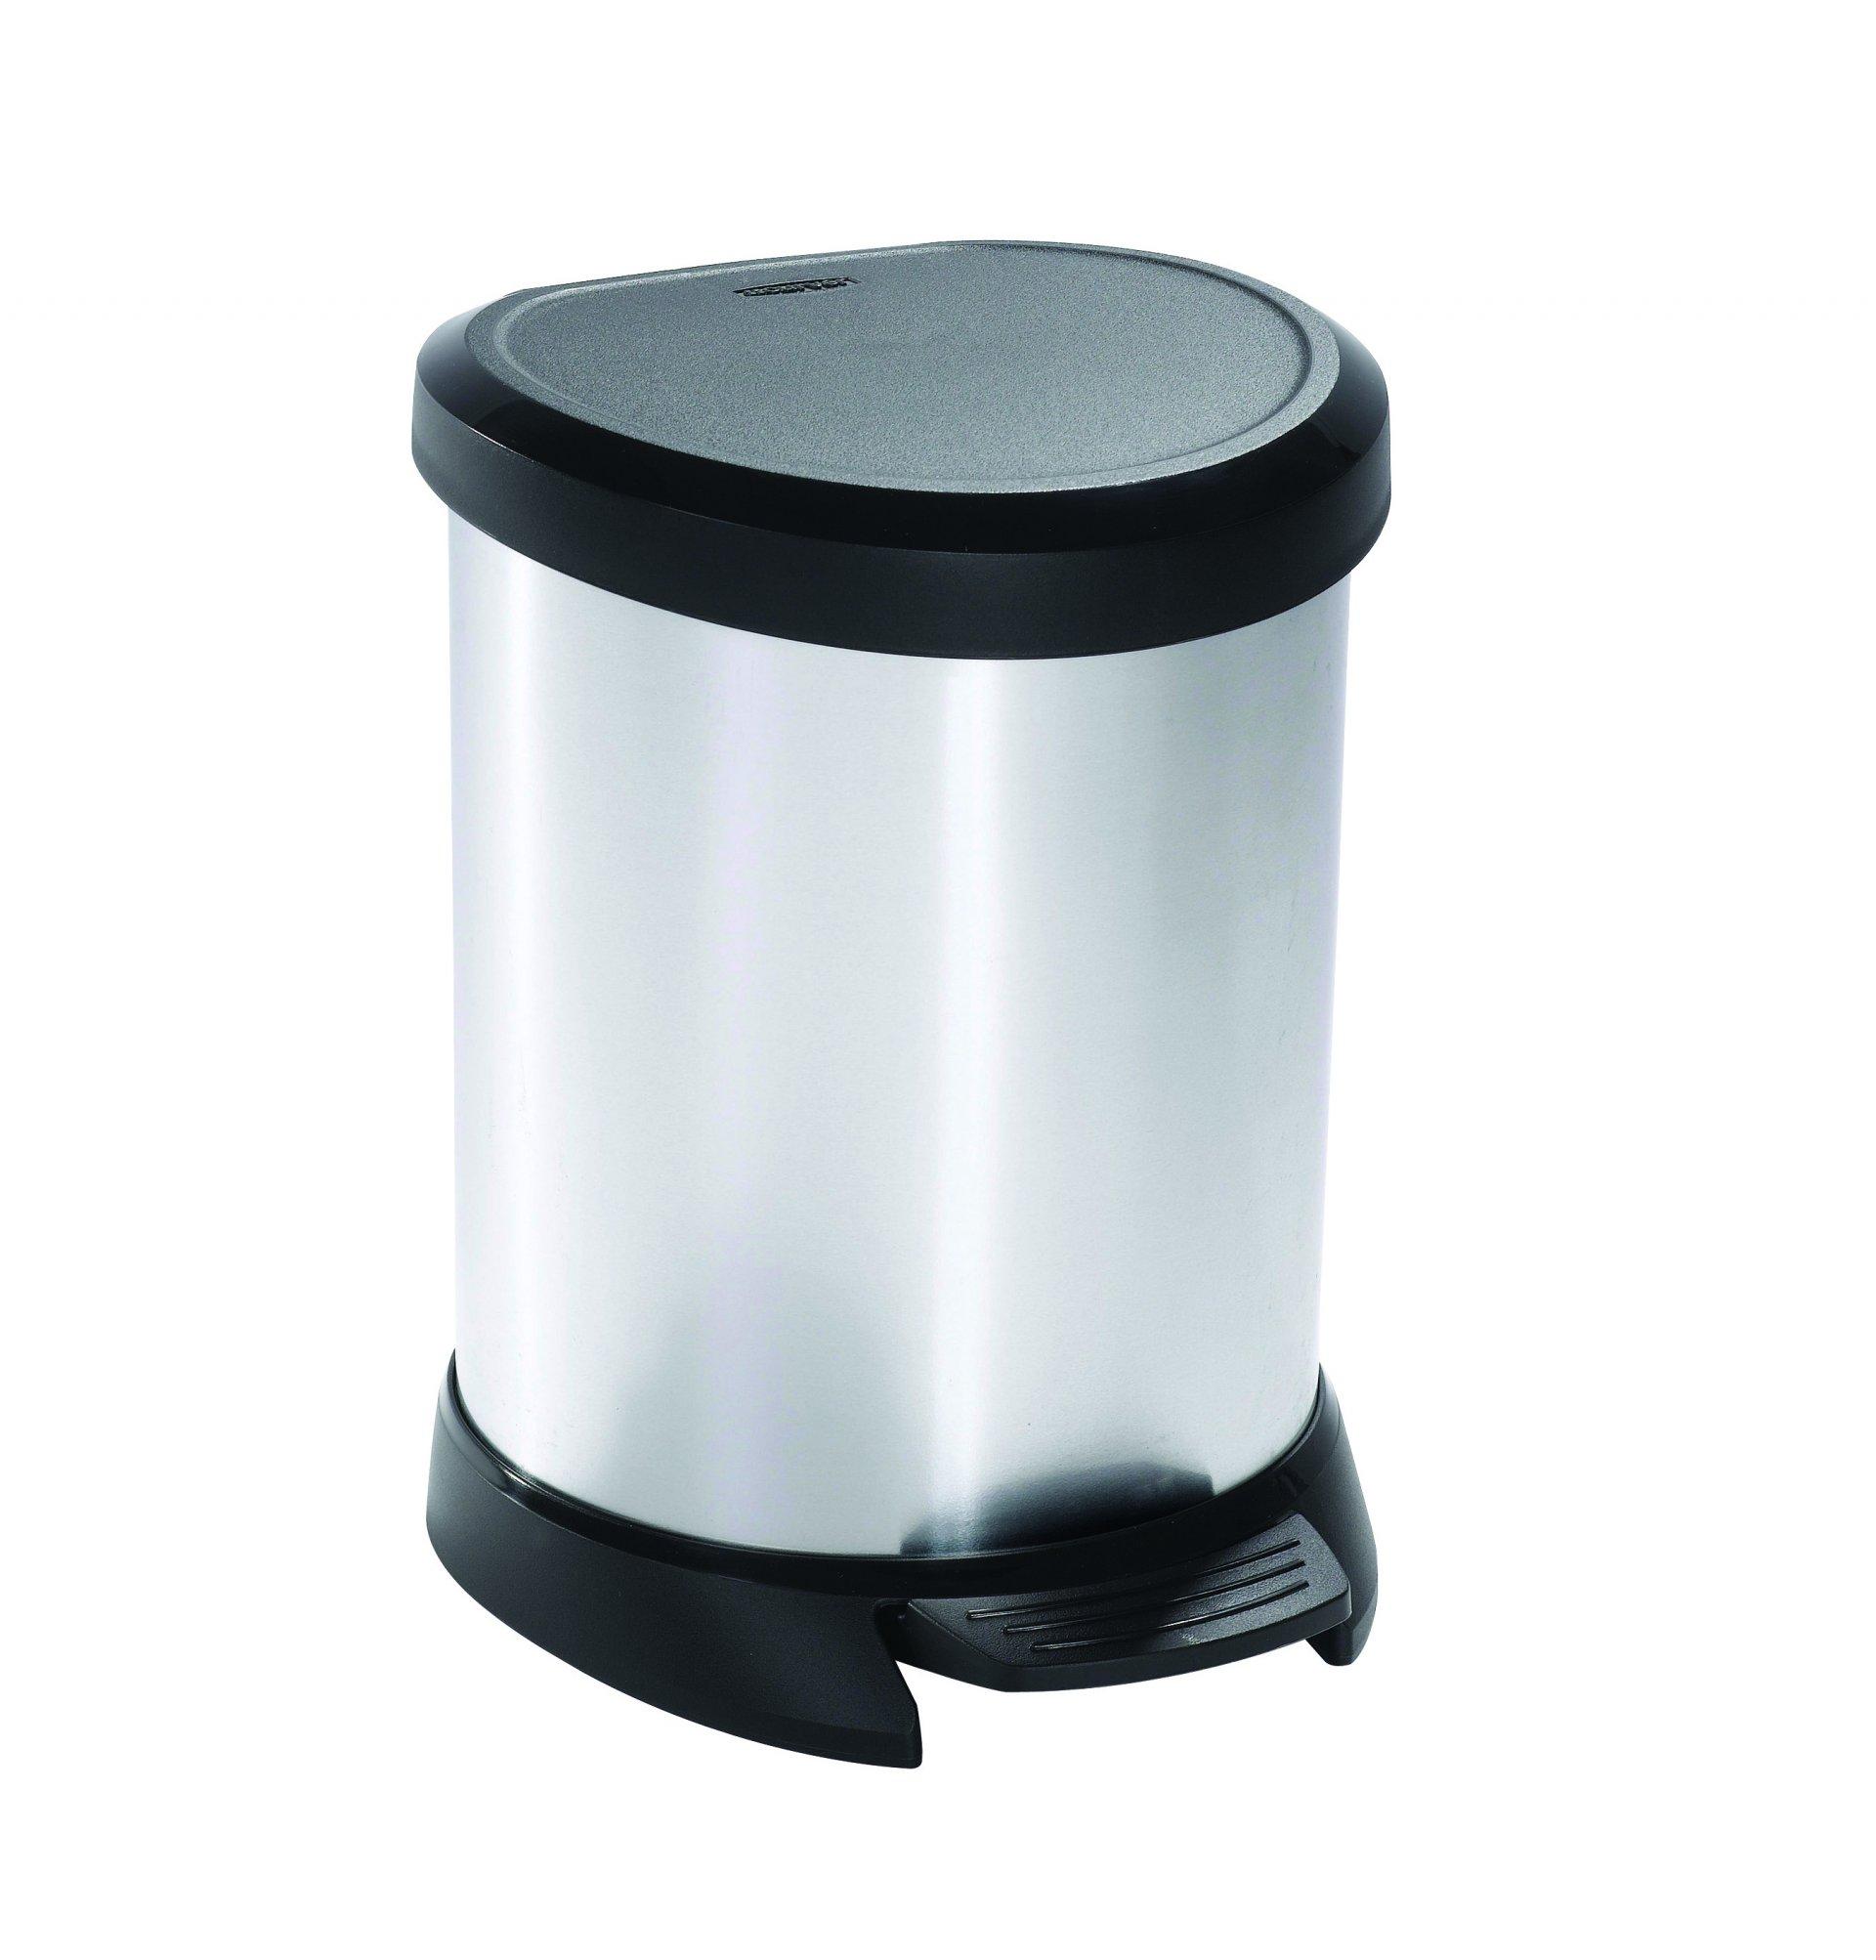 Curver odpadkový koš, DECO BIN, střibrný/černý, 5l